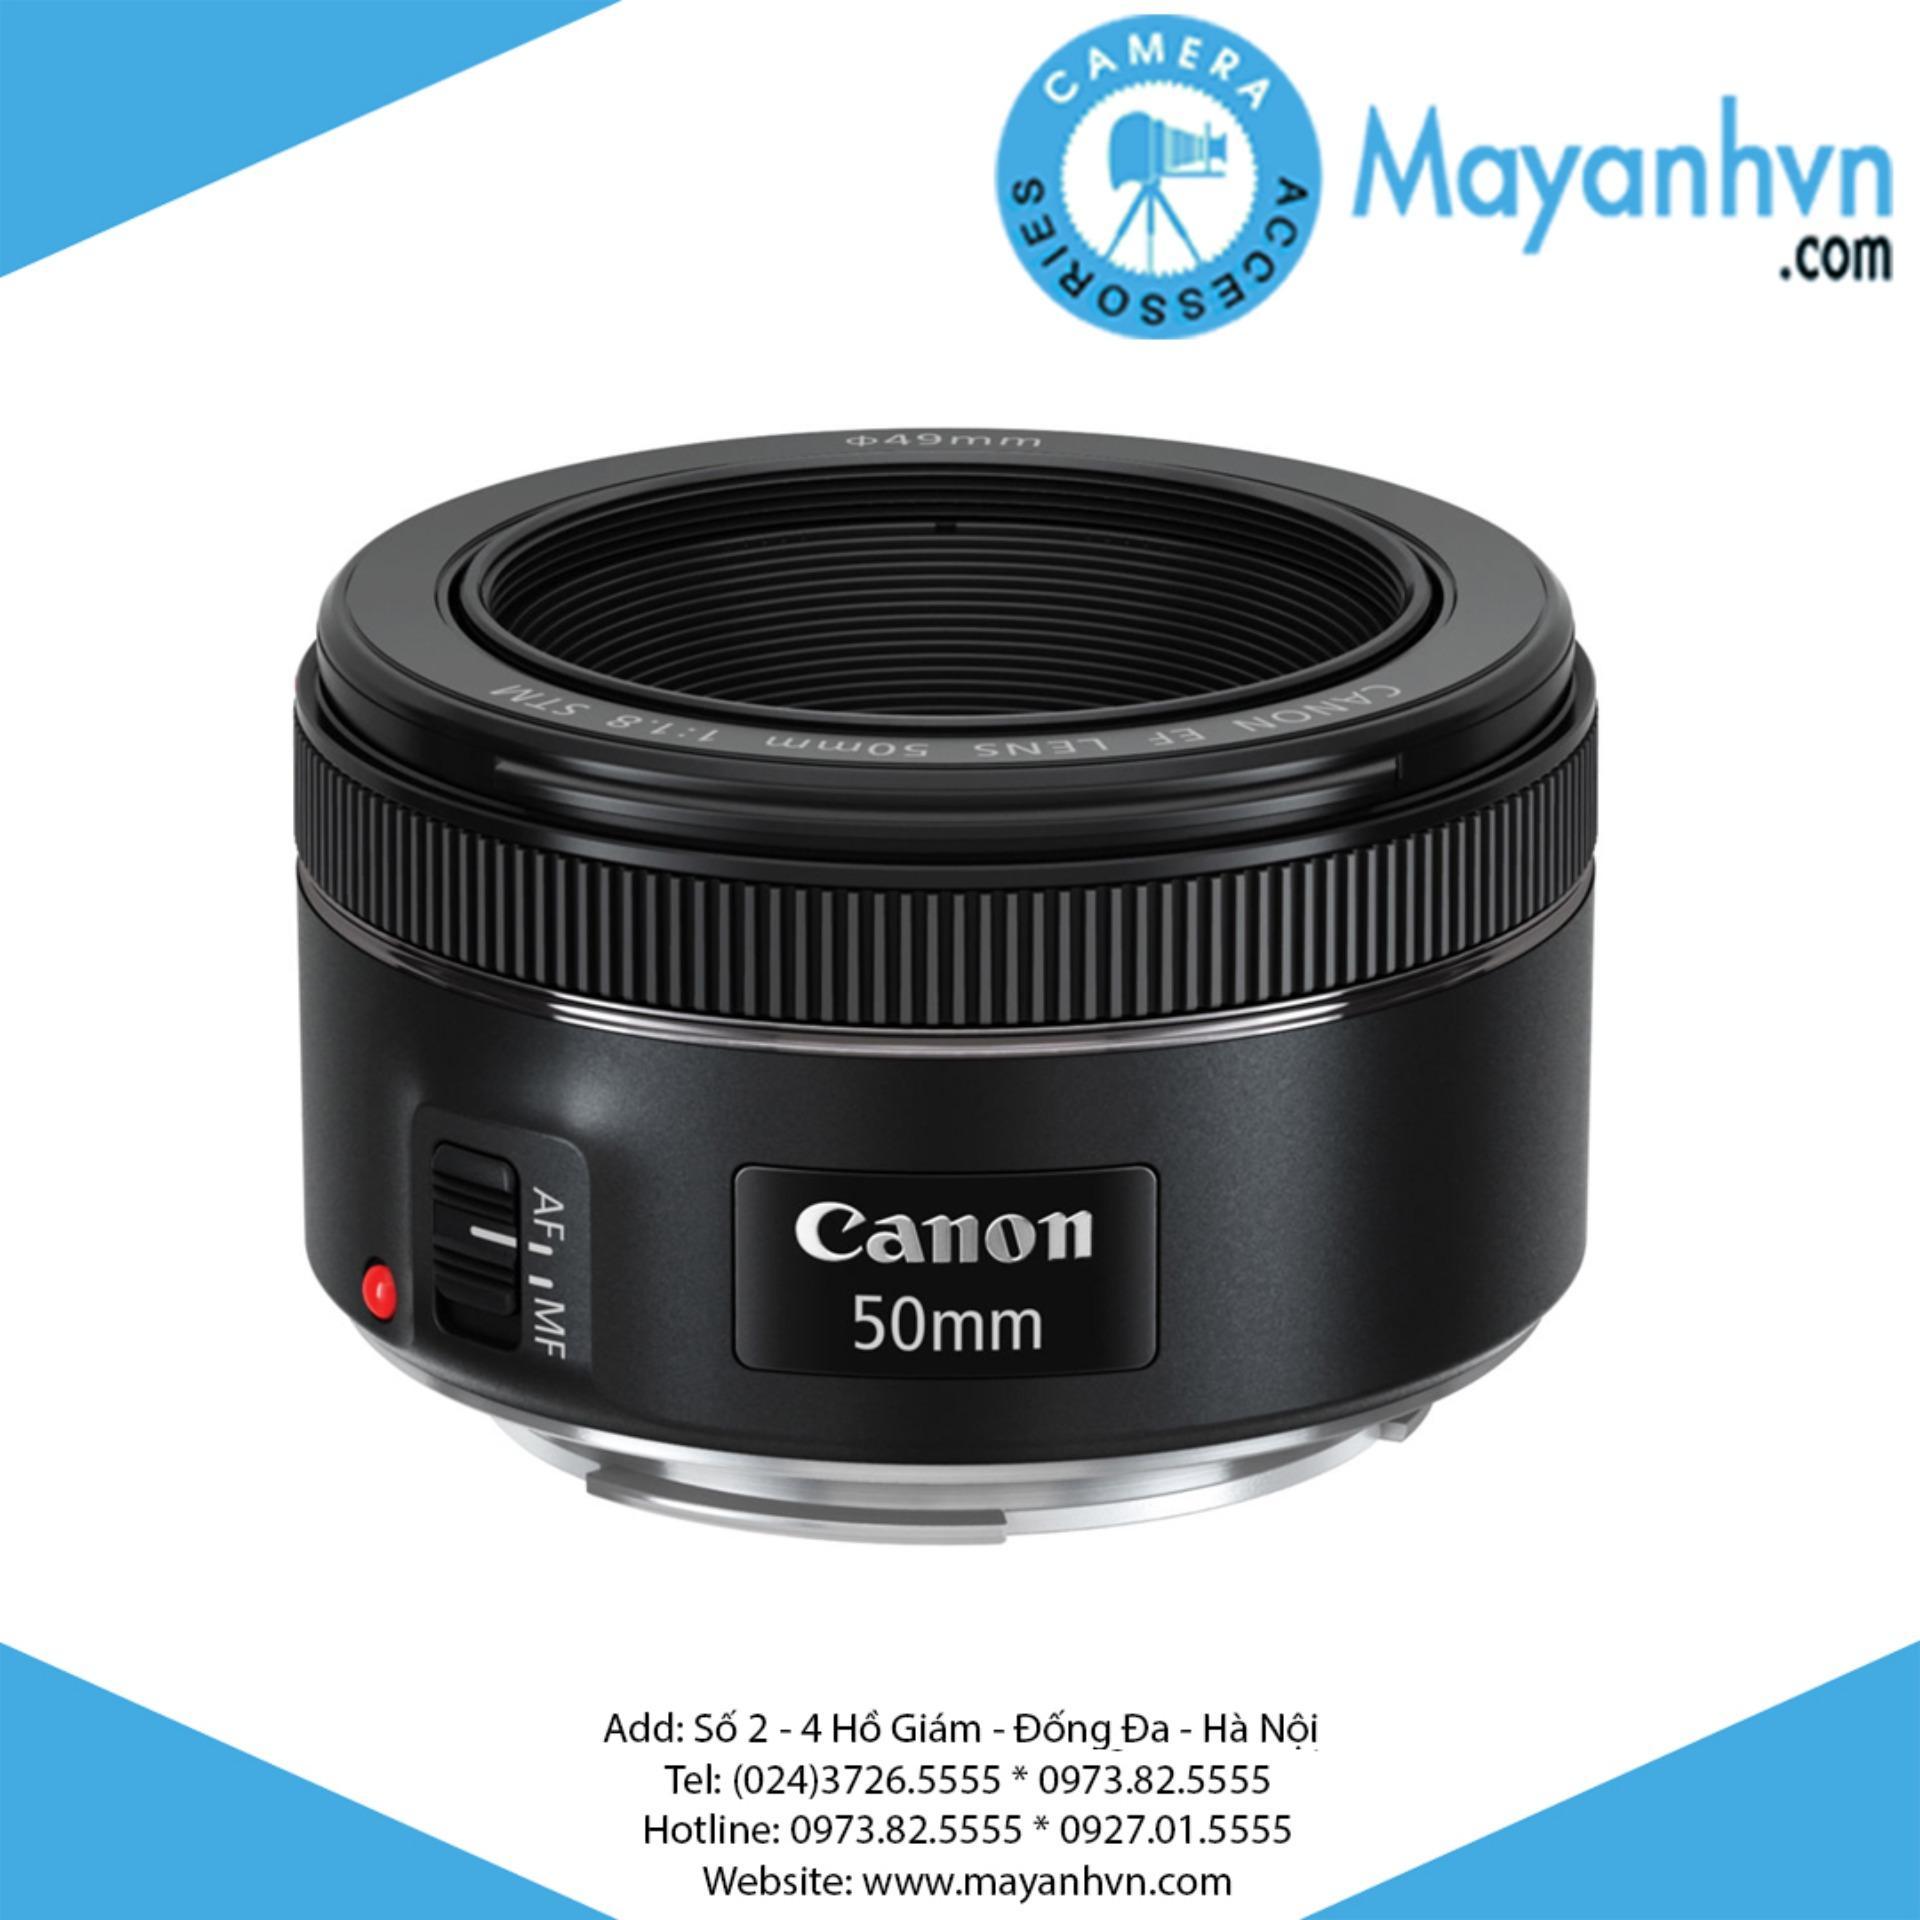 Ống kính Canon EF 50mm F1.8 STM (Đen) – Hàng chính hãng Lê Bảo Minh